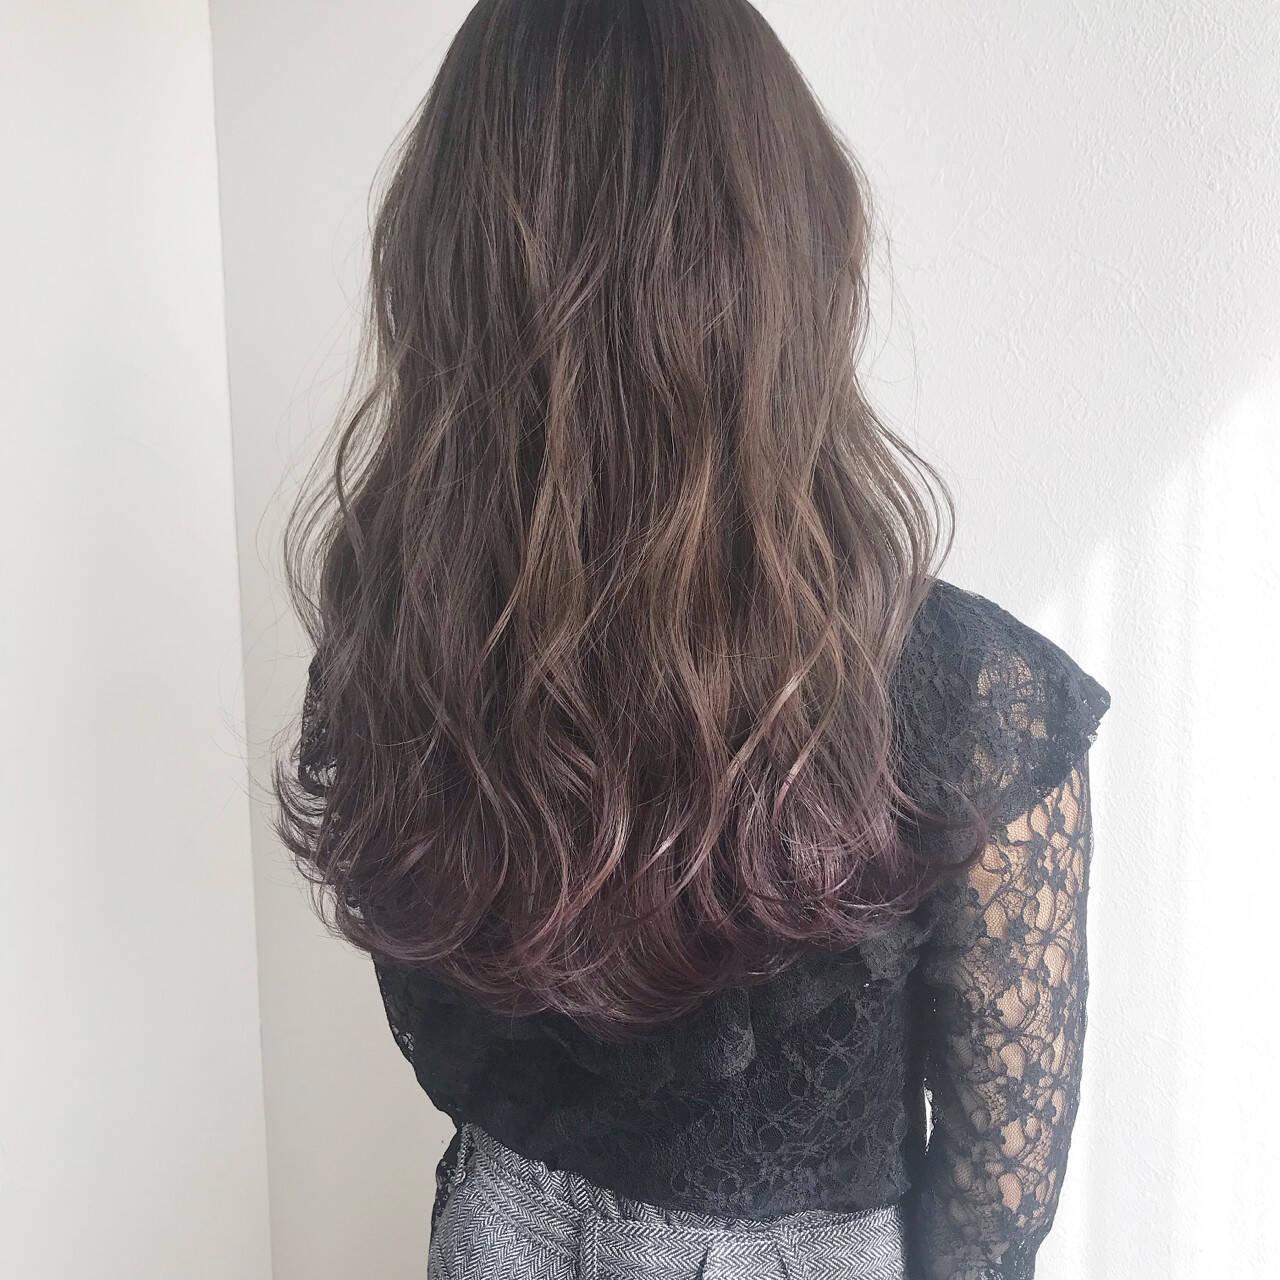 女子力 くすみカラー ナチュラル グレージュヘアスタイルや髪型の写真・画像